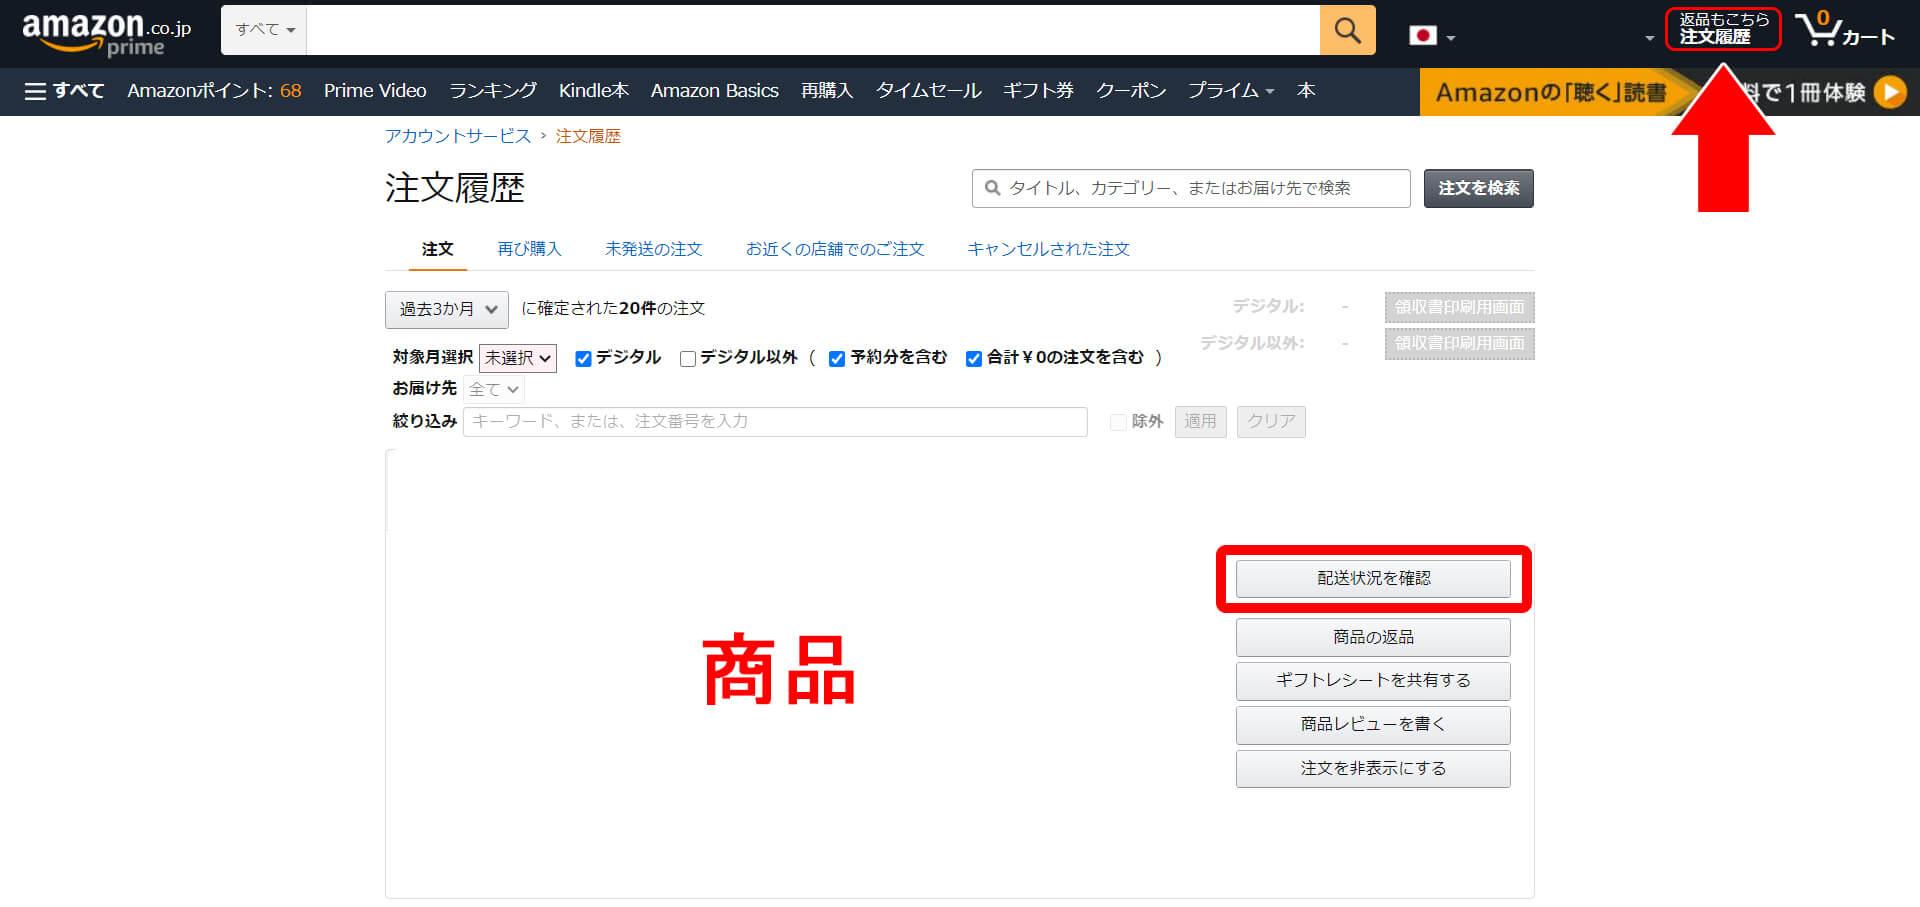 【置き配】Amazonで誤配送があった場合の対処方法 (7)